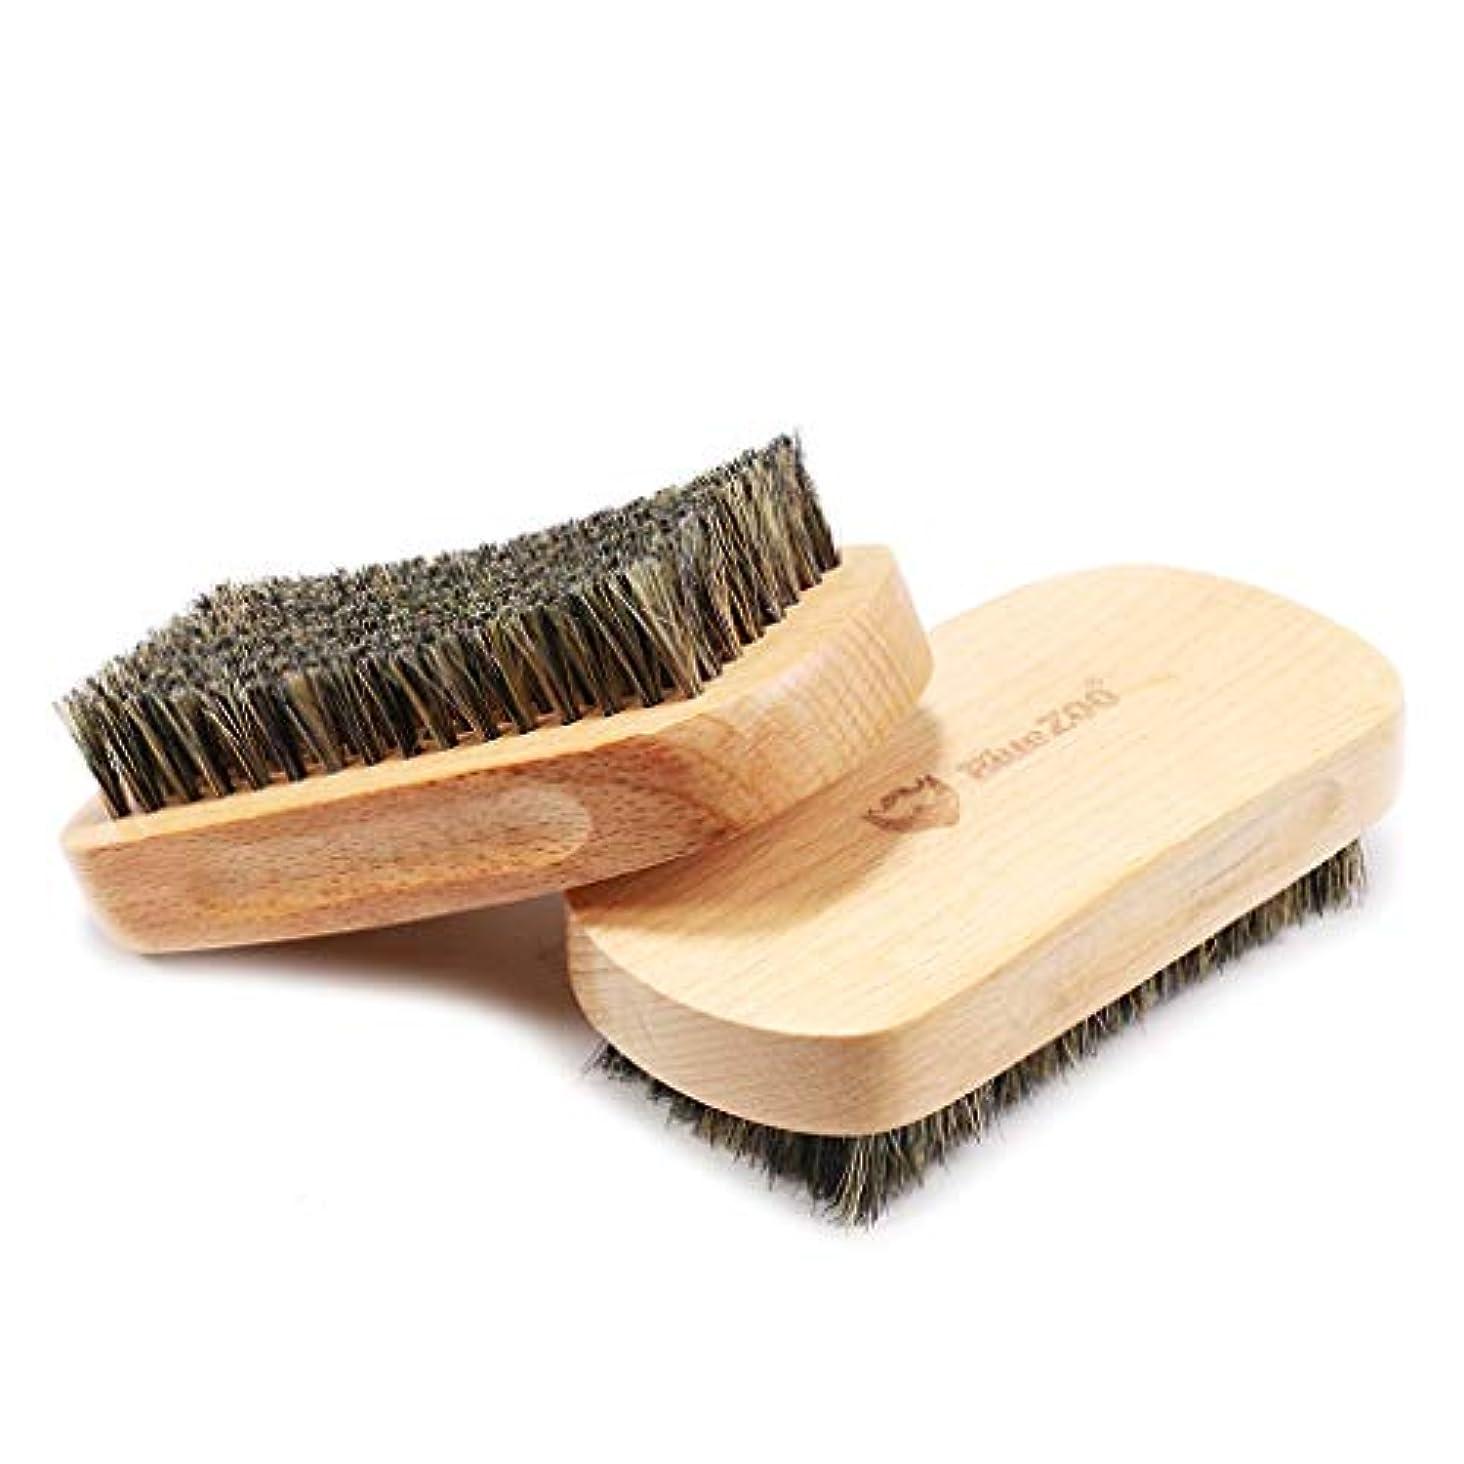 一般従来の発信シェービングブラシ メンズ 理容 洗顔 髭剃り ひげブラシ 散髪整理 理髪用 首/顔 髭剃り